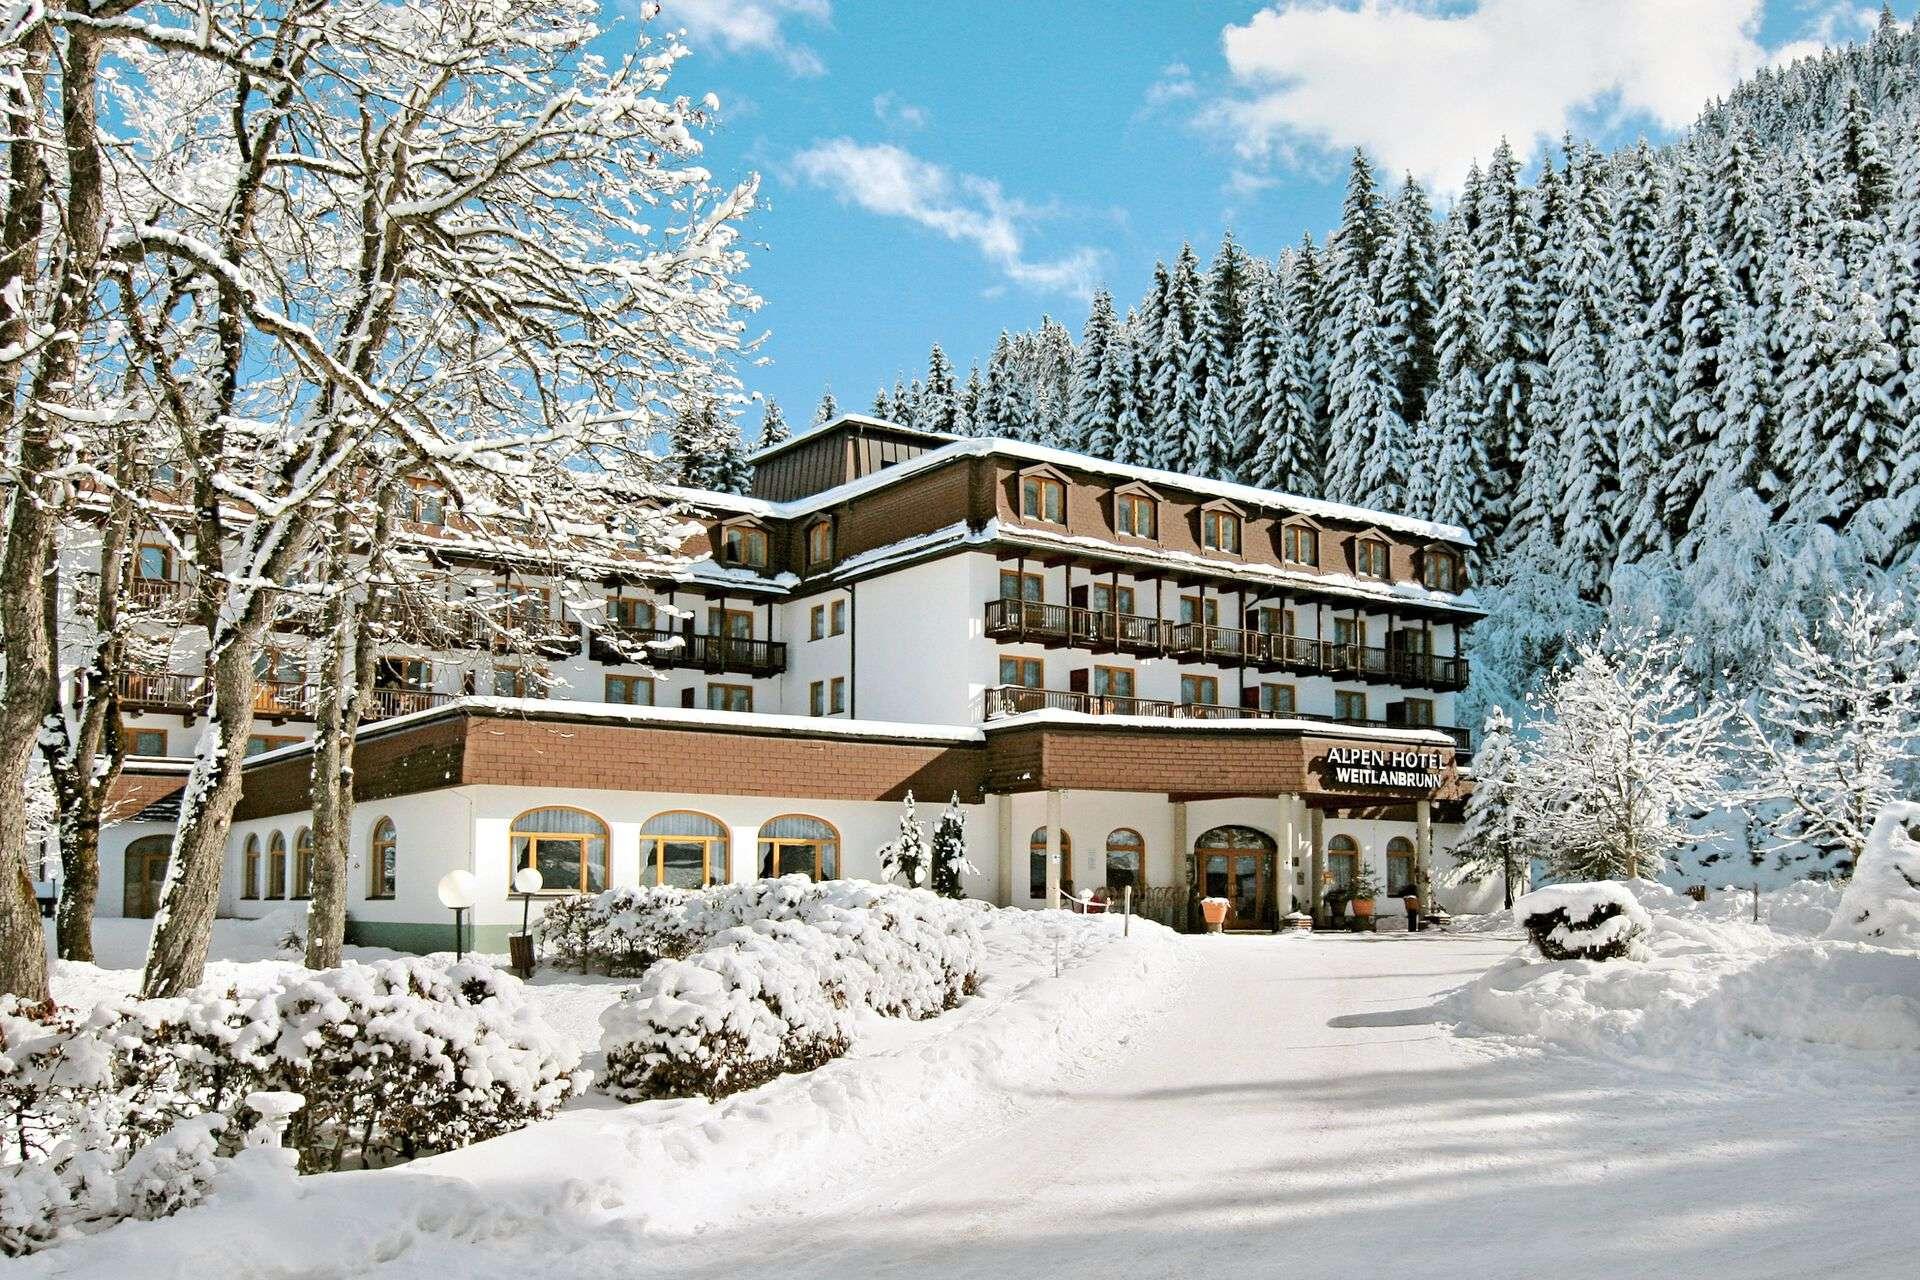 Alpenhotel Weitlanbrunn